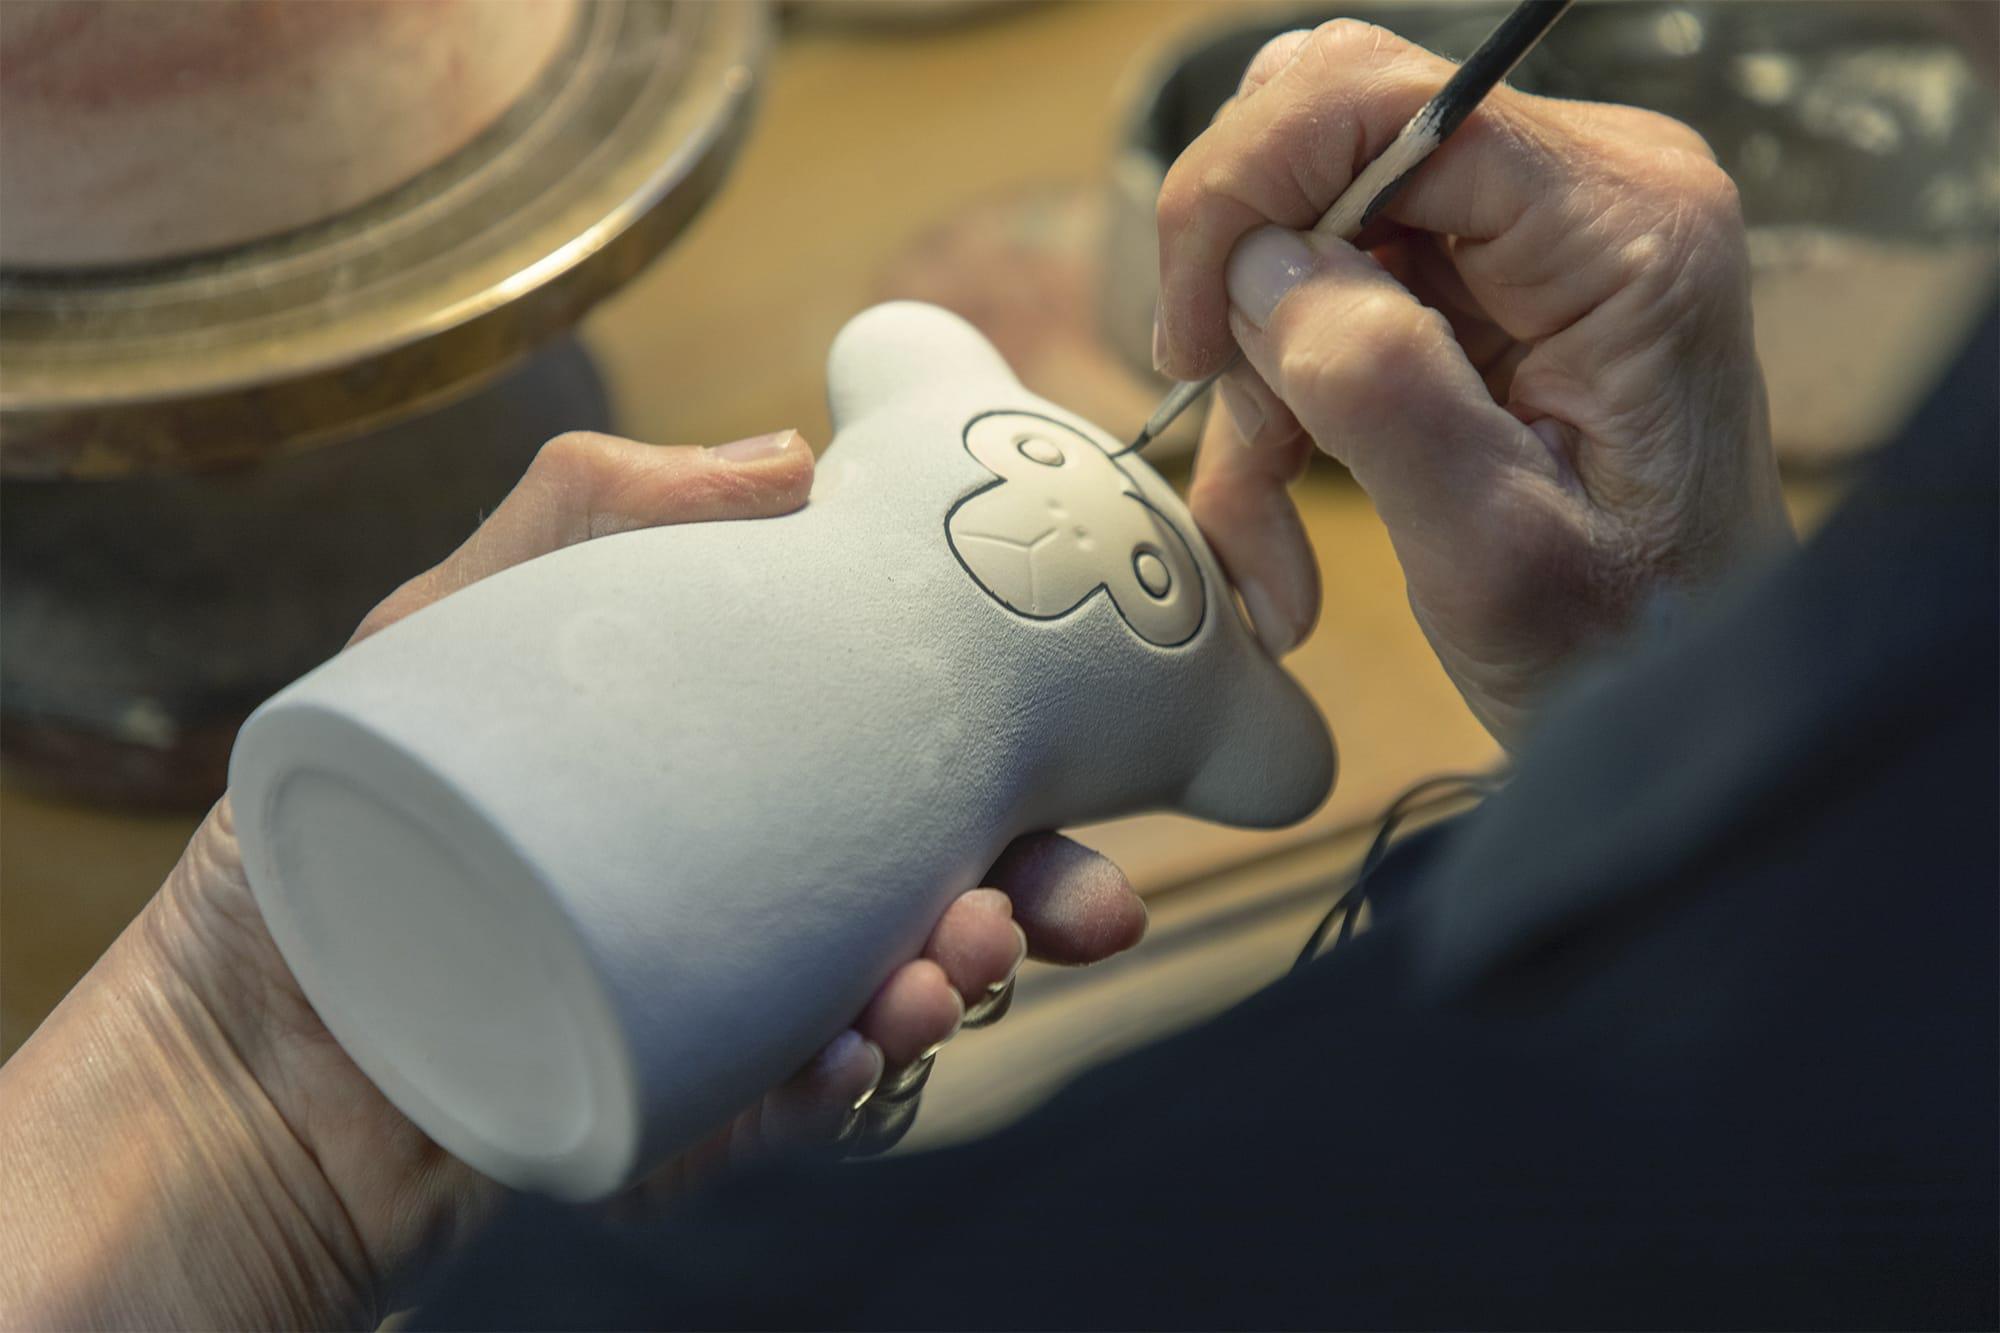 職人の筆圧や釉薬の色合いの濃淡など、ほんの少しの違いが作品の個性となり、独特の味わいが生まれる。